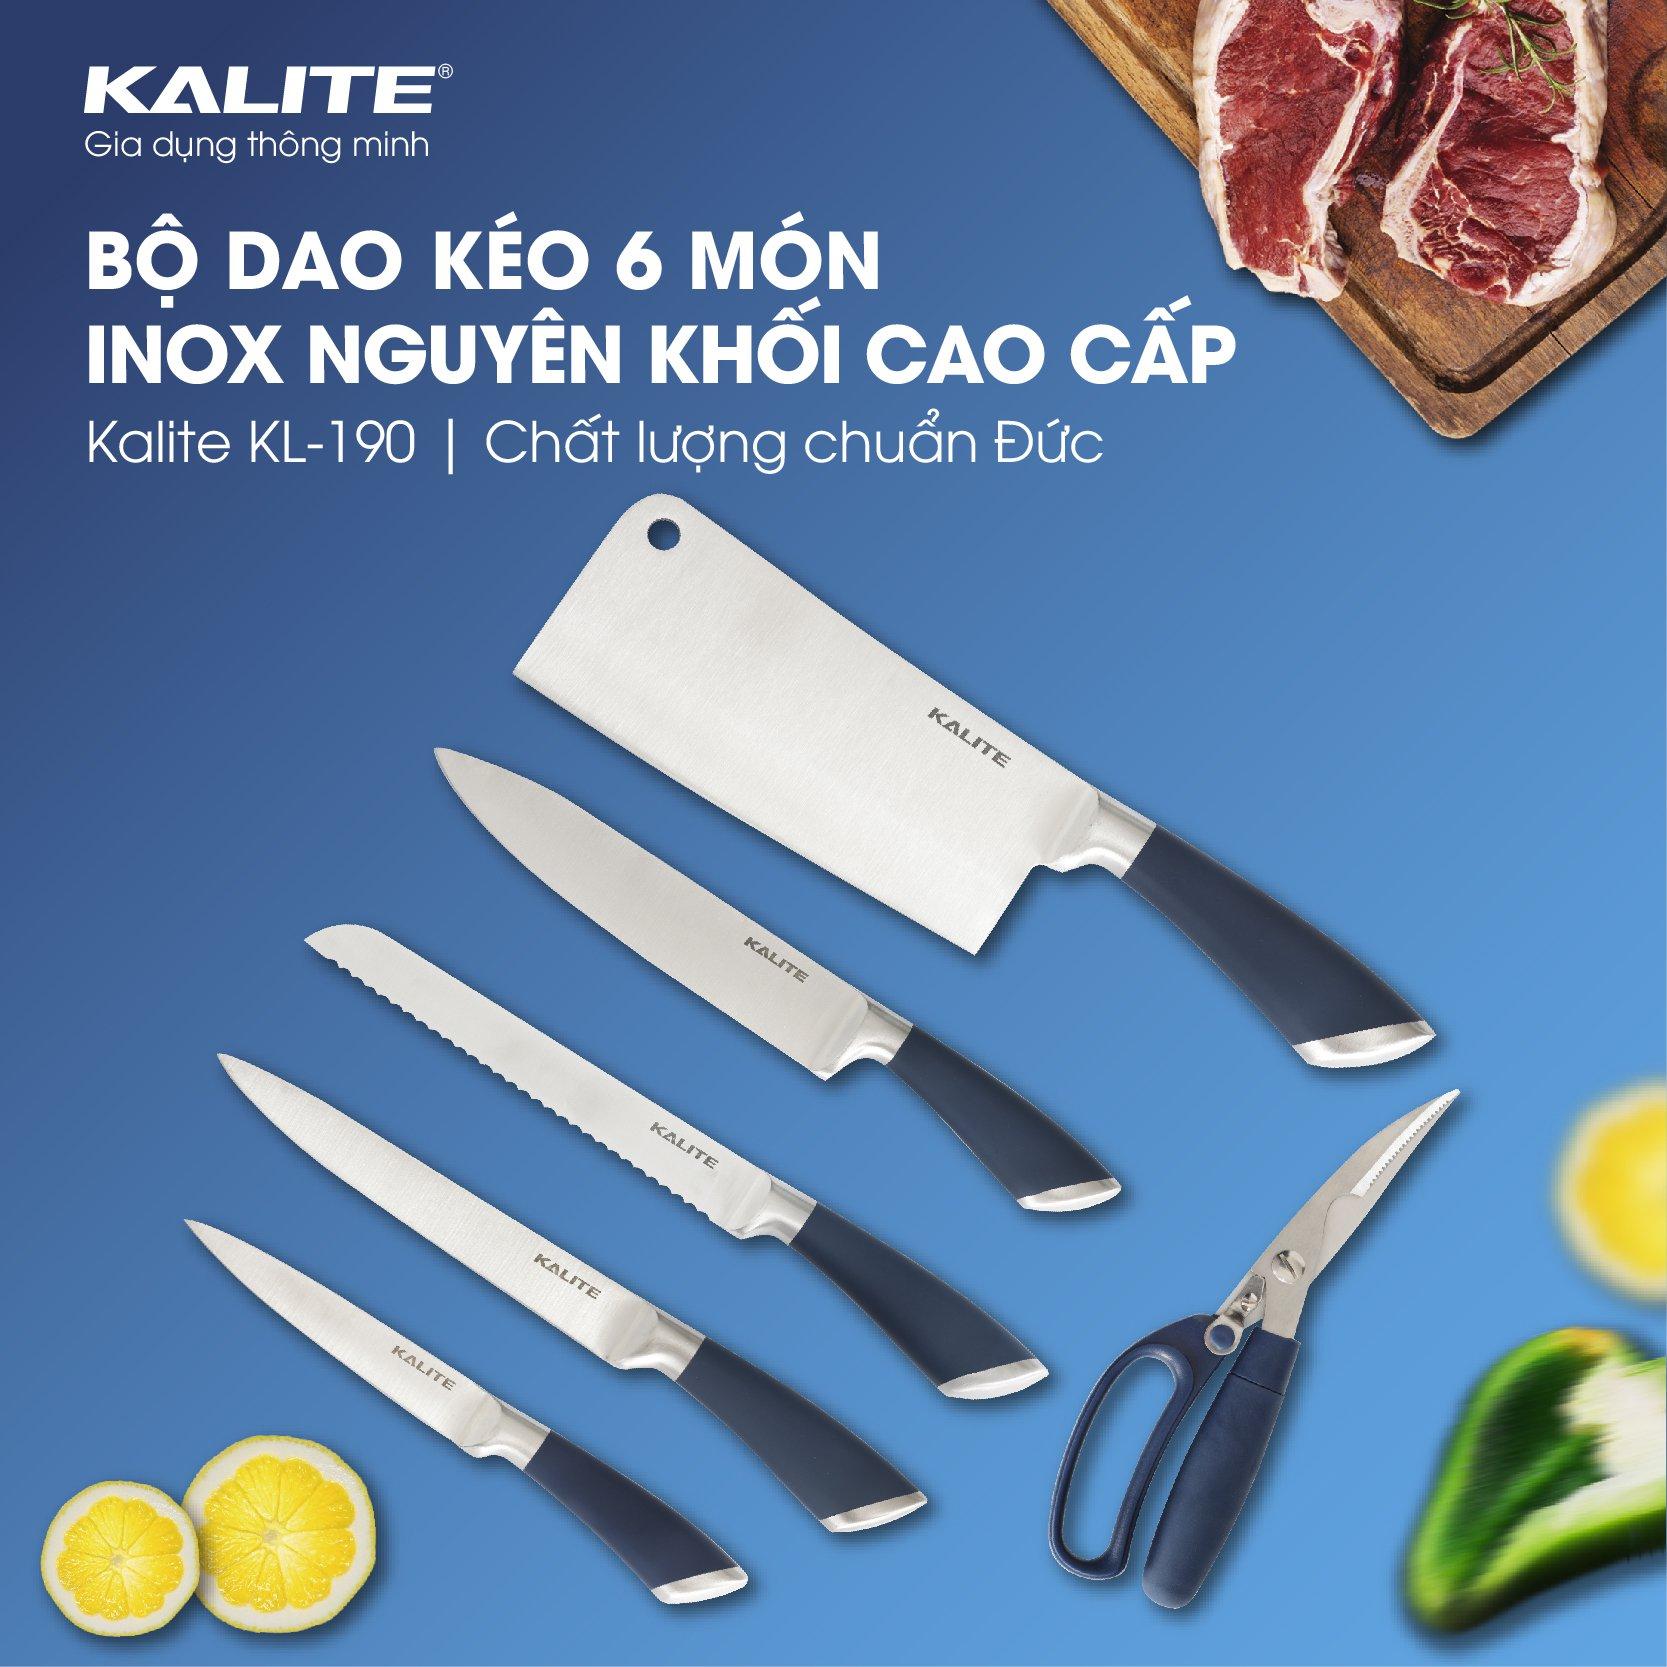 bo-dao-keo-kalite-kl-190-6